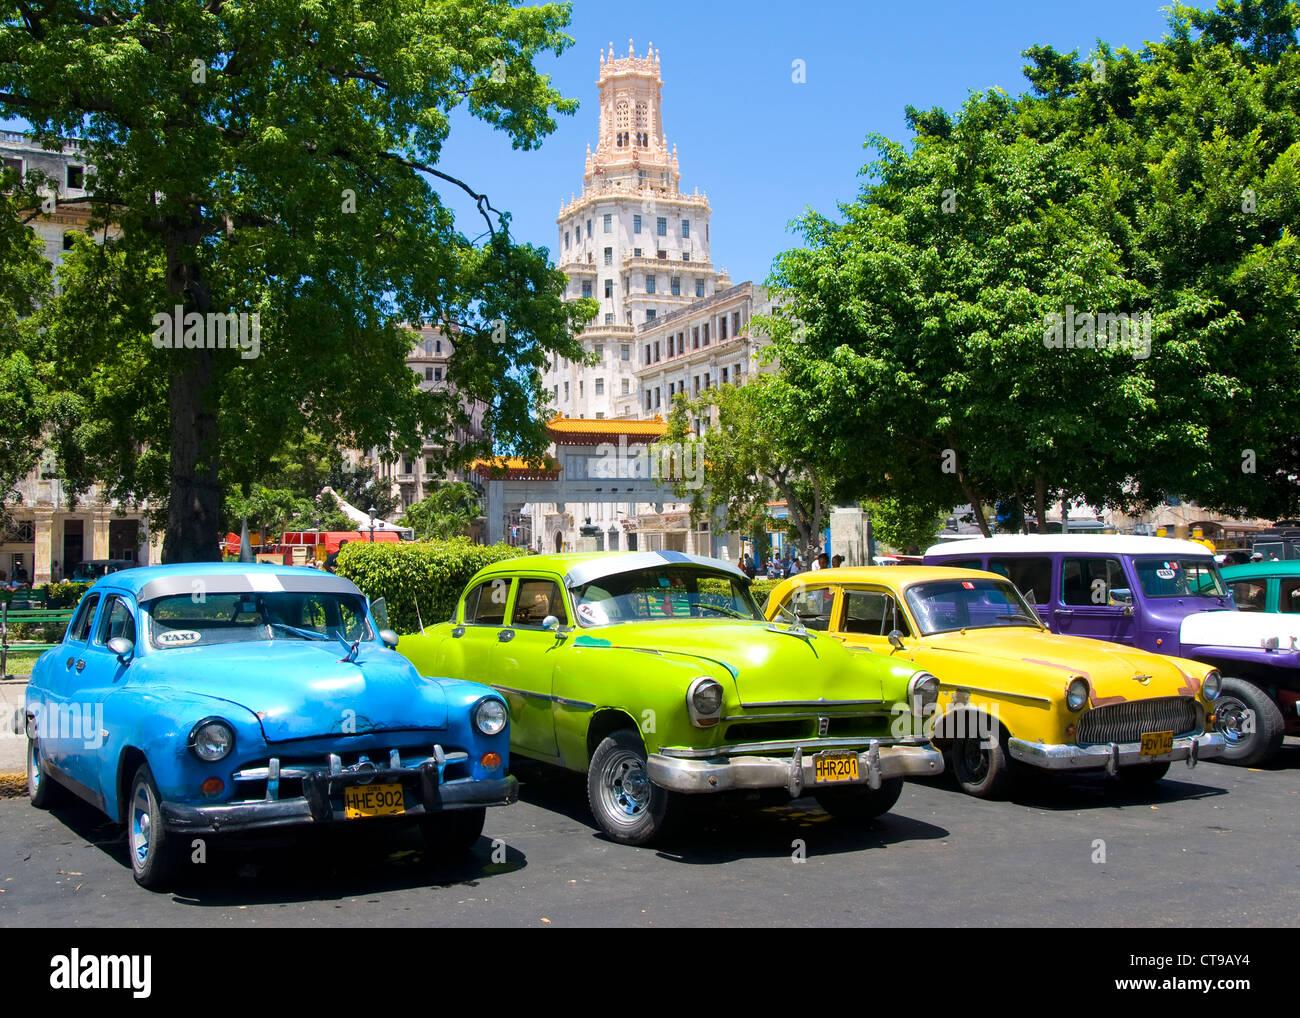 Los coches antiguos, Parque Central, La Habana, Cuba Imagen De Stock